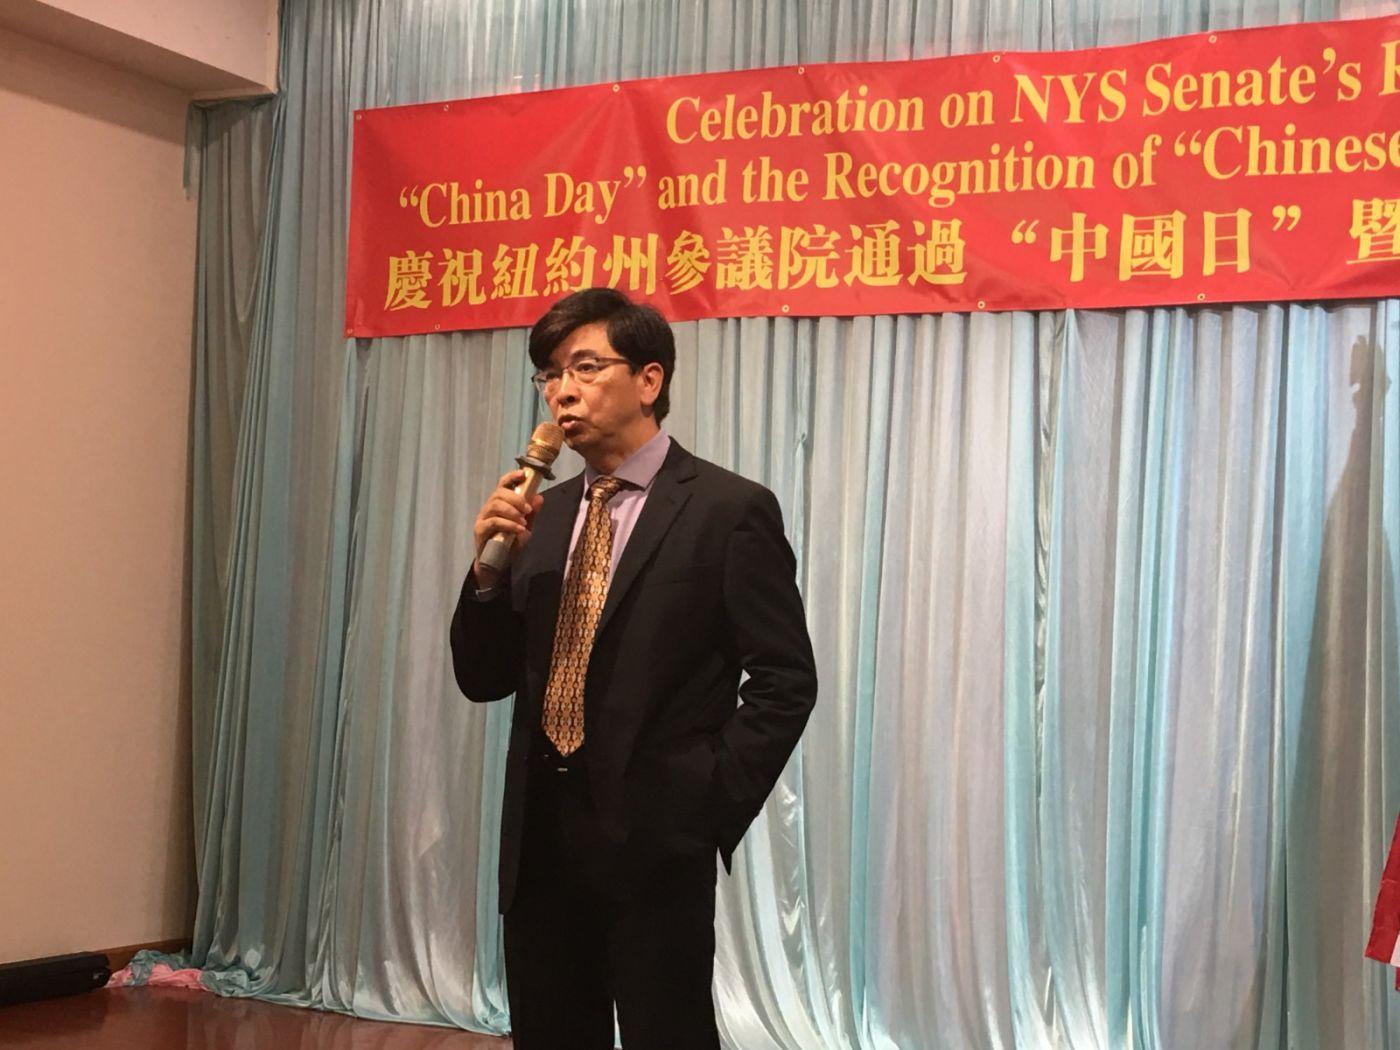 紐約州參議院通過「中國日」決議案慶祝会在紐約舉行_图1-31